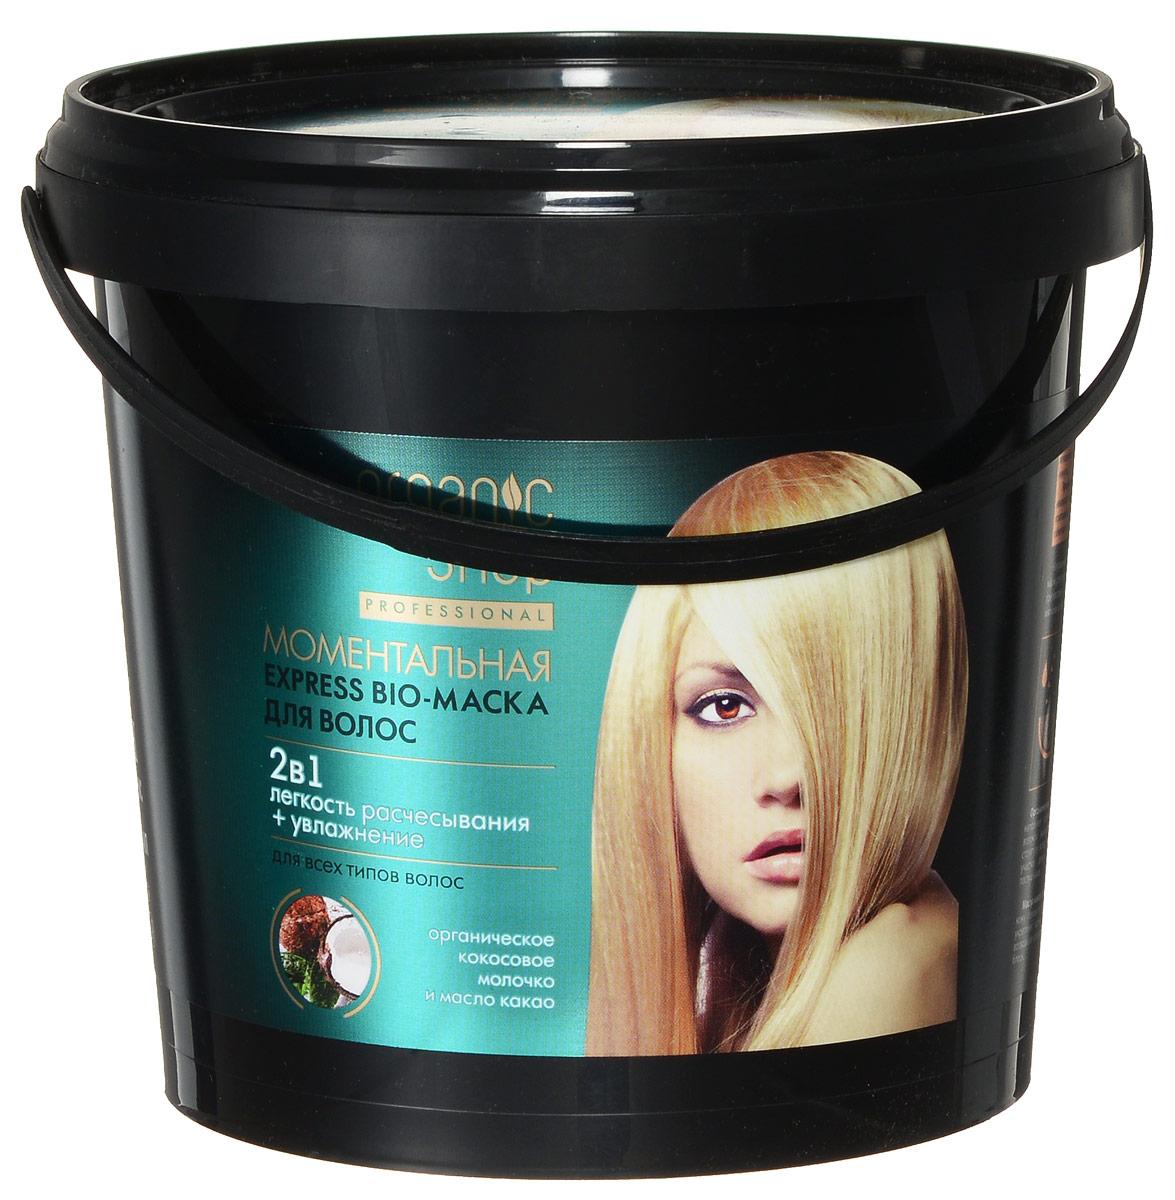 Organic Shop Professional Маска-био экспресс моментальная для волос, 1000 мл0861-12-5322Моментальная еxpress био-маска обеспечивает максимальный увлажняющий эффект, мгновенно преображая волосы за считанные минуты.. Профессиональная формула 2 в 1 восстанавливает целостность гидролипидной пленки и приглаживает чешуйки кутикулы, что значительно облегчает процесс расчесывания волос. Натуральные компоненты входящие в состав маски регулируют баланс влажности, эффективно препятствуя потере влаги, делают волосы мягкими и шелковистыми. Органическое кокосовое молочко наполняет клетки эпидермиса и волосяных волокон живительной влагой, разглаживает структуру волос, восстанавливая поврежденные участки, делая их идеально гладкими и послушными. Масло какао оказывает целебное действие на кожу головы и волосяные луковицы, питает и укрепляет корни, предупреждает выпадение, возвращая волосам жизненную силу и сияющий блеск.